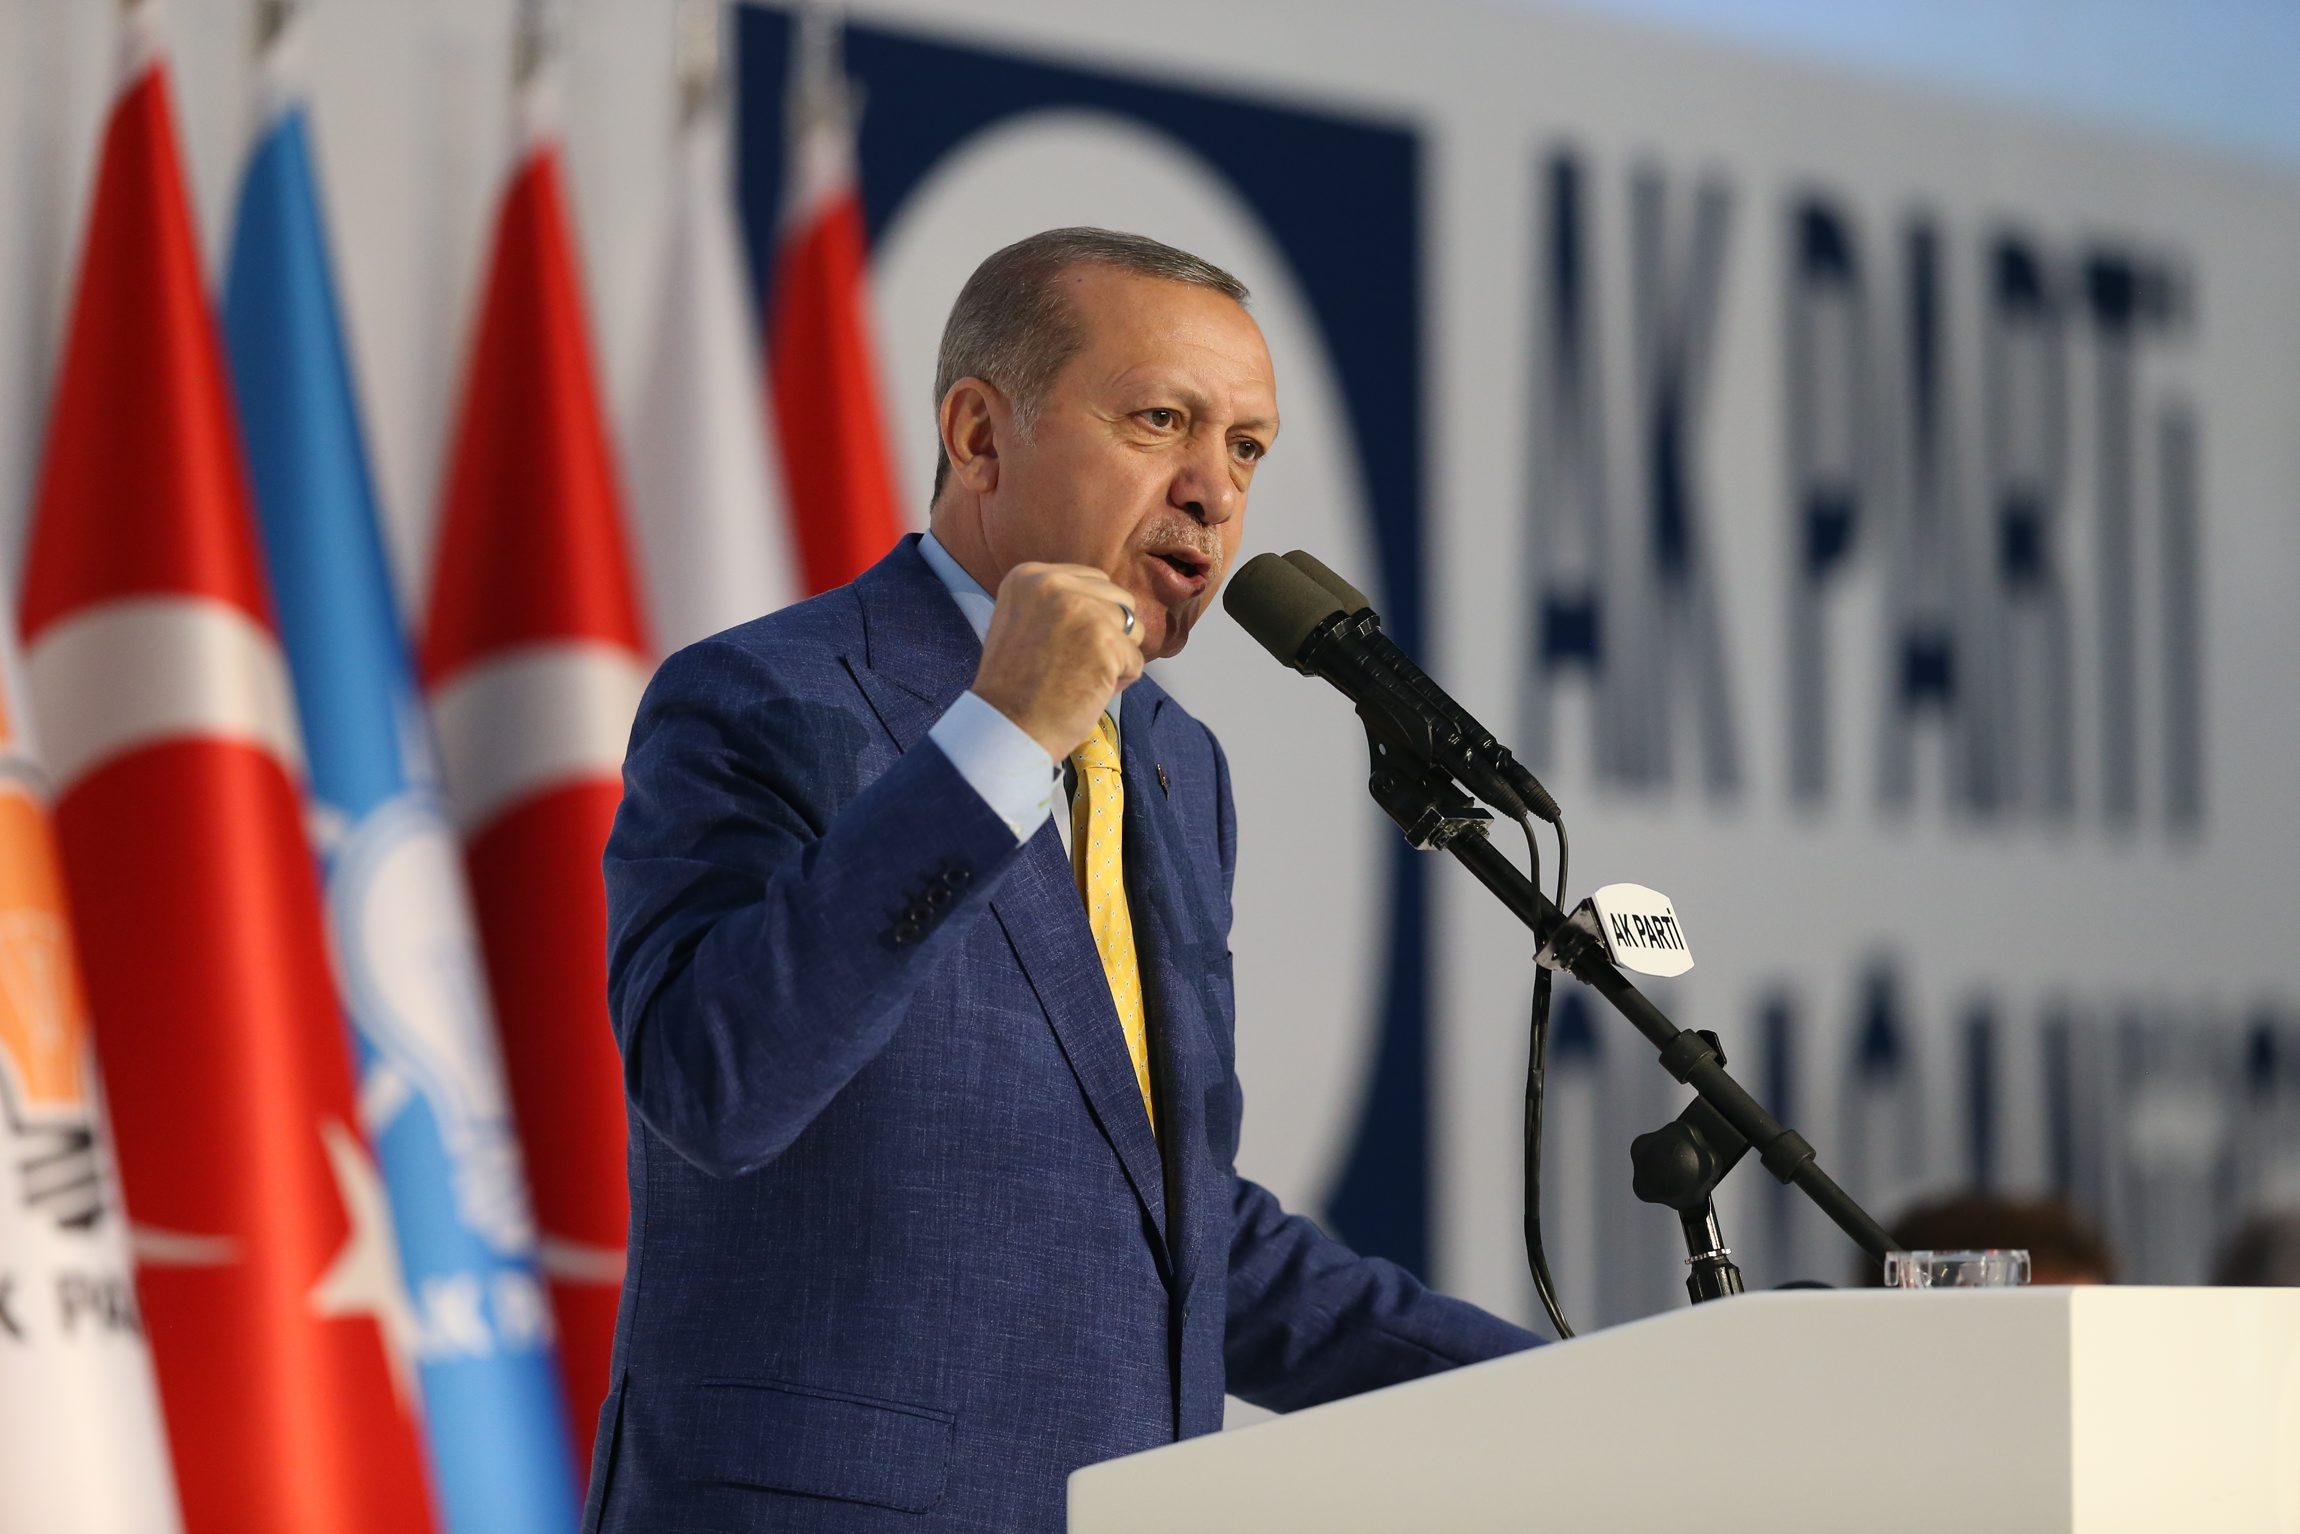 'Kuzey Suriye'de devlet kurulmasına müsaade etmeyeceğiz'